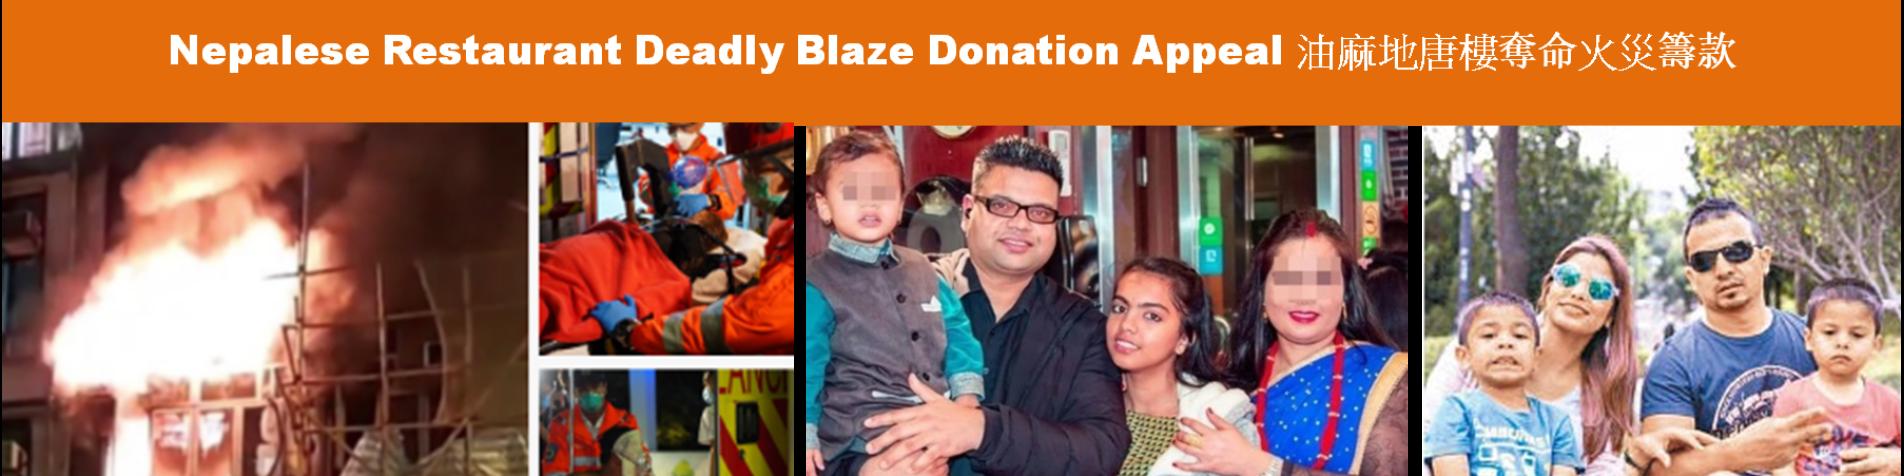 「油麻地大火」全城參與籌款行動協助受害家庭